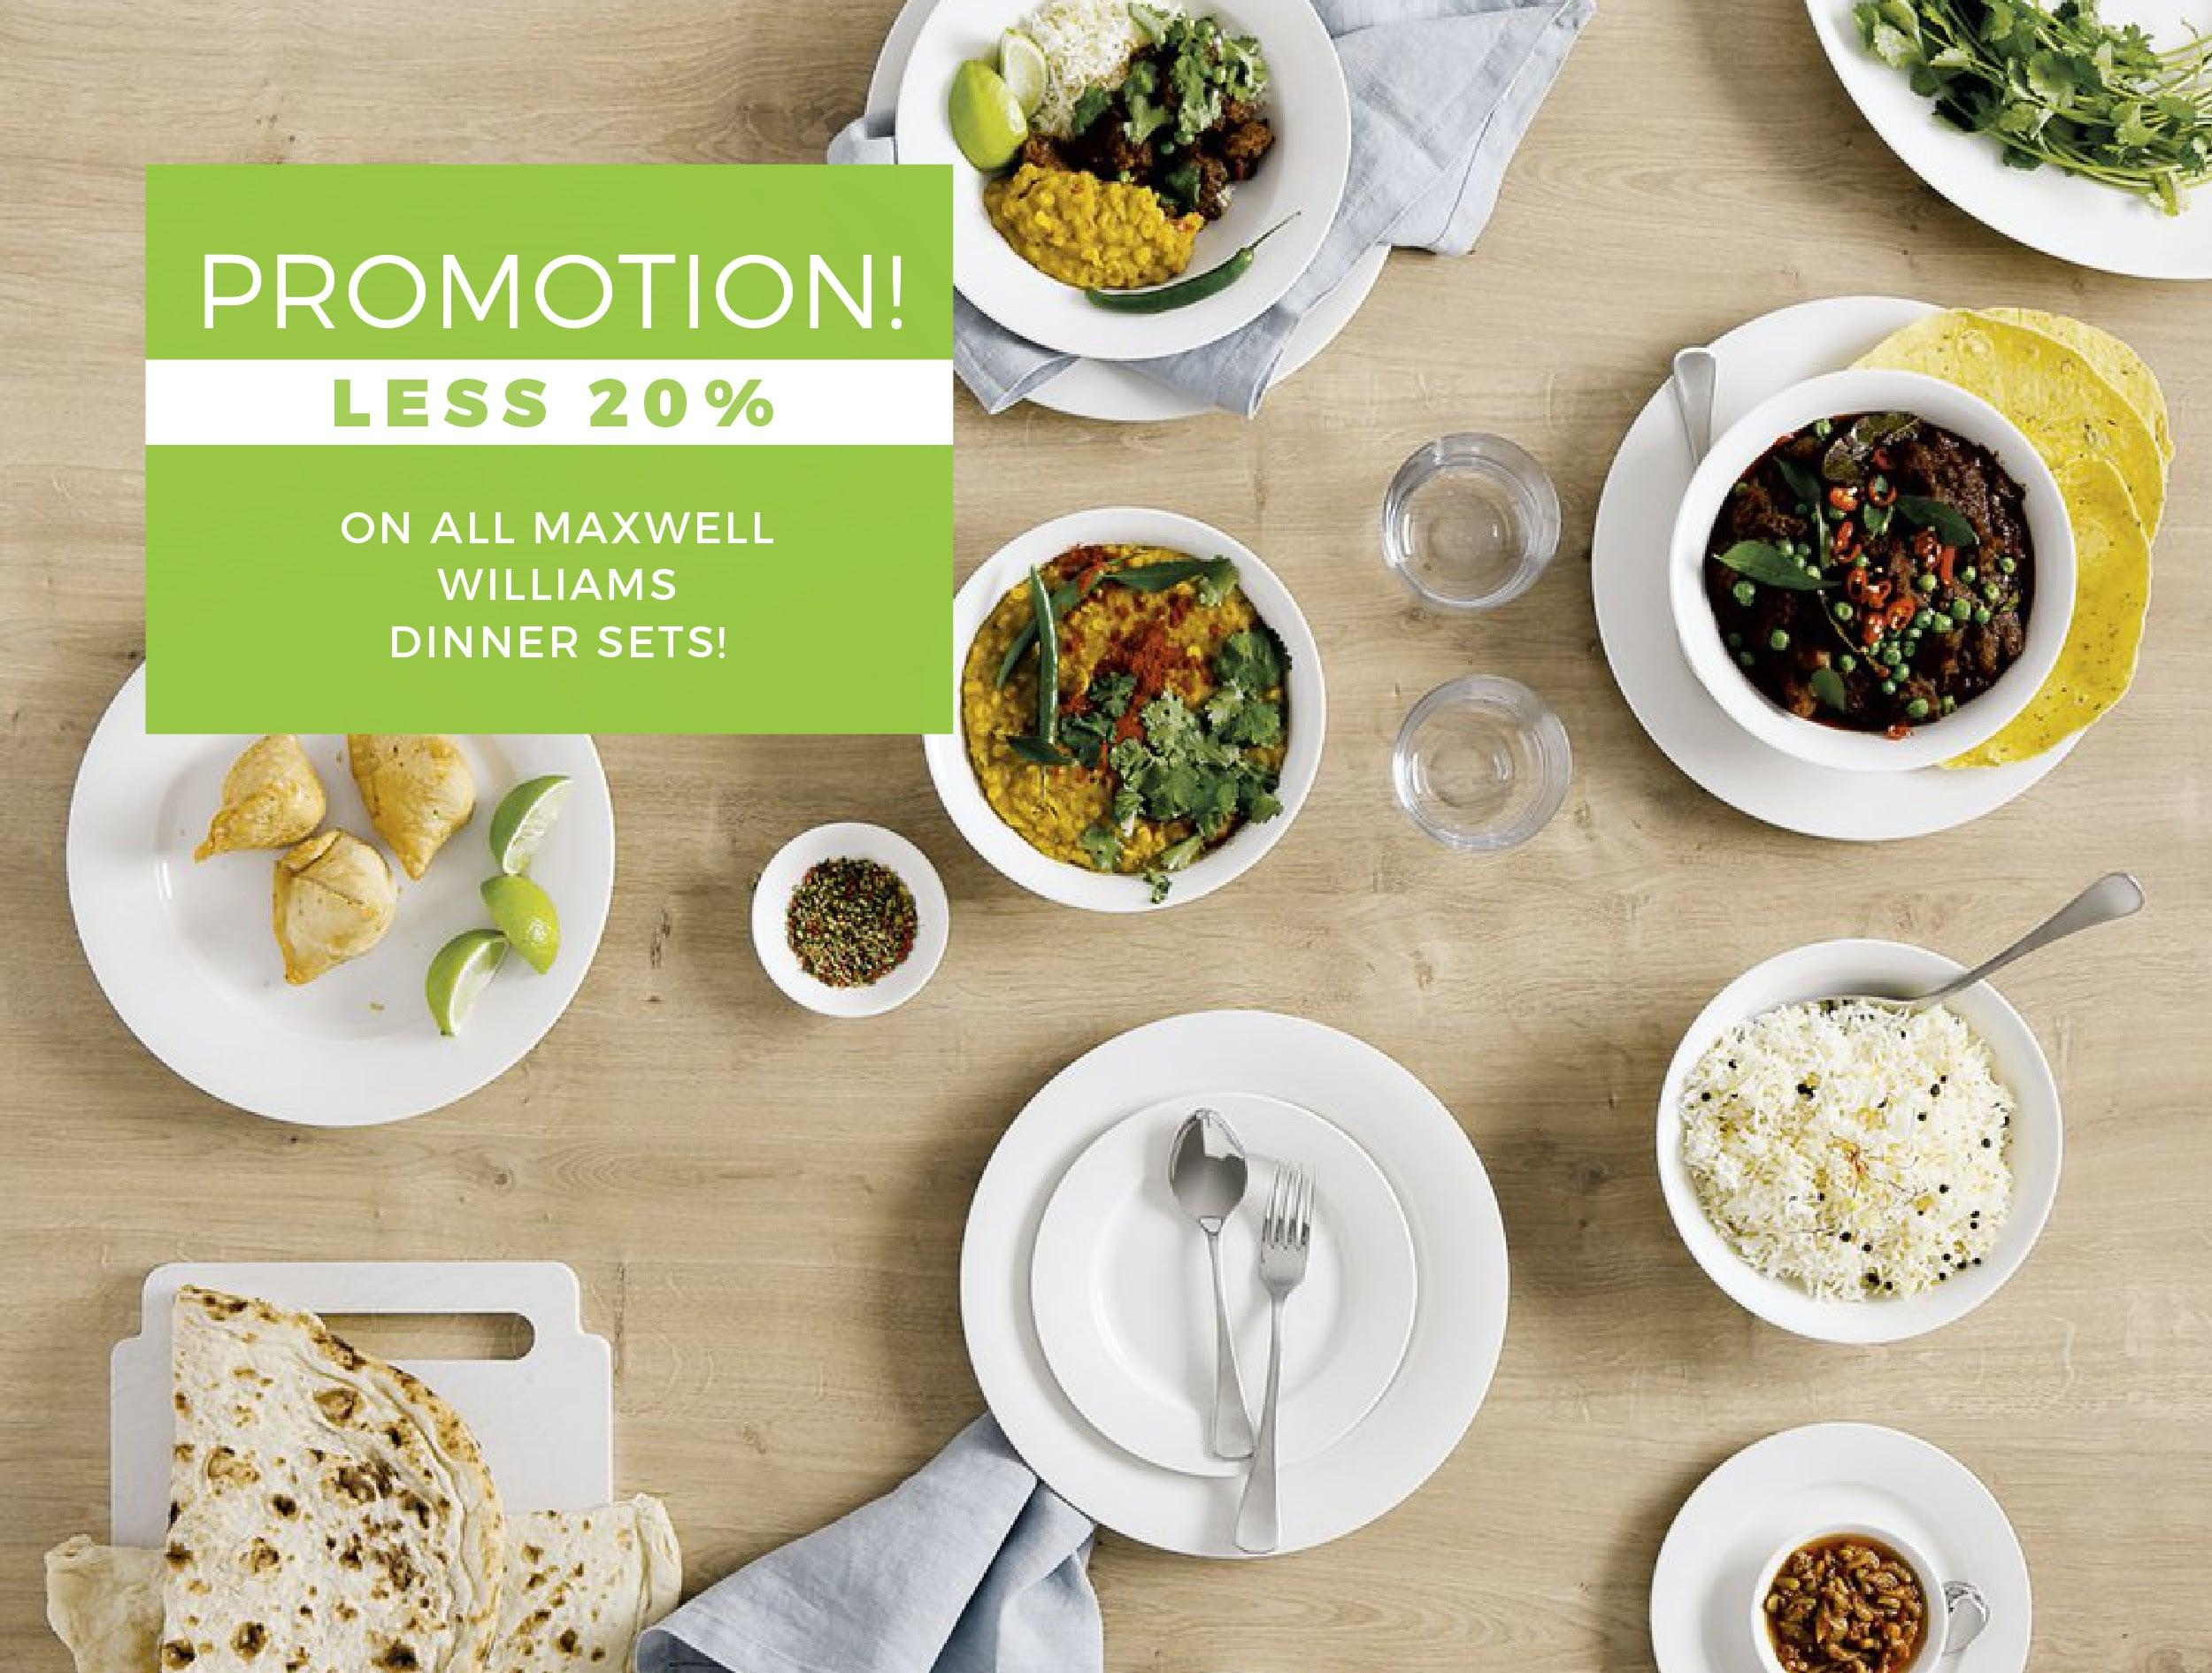 https://media.kitchenique.co.za/20211007093616/maxwell_williams_promo-min.jpeg